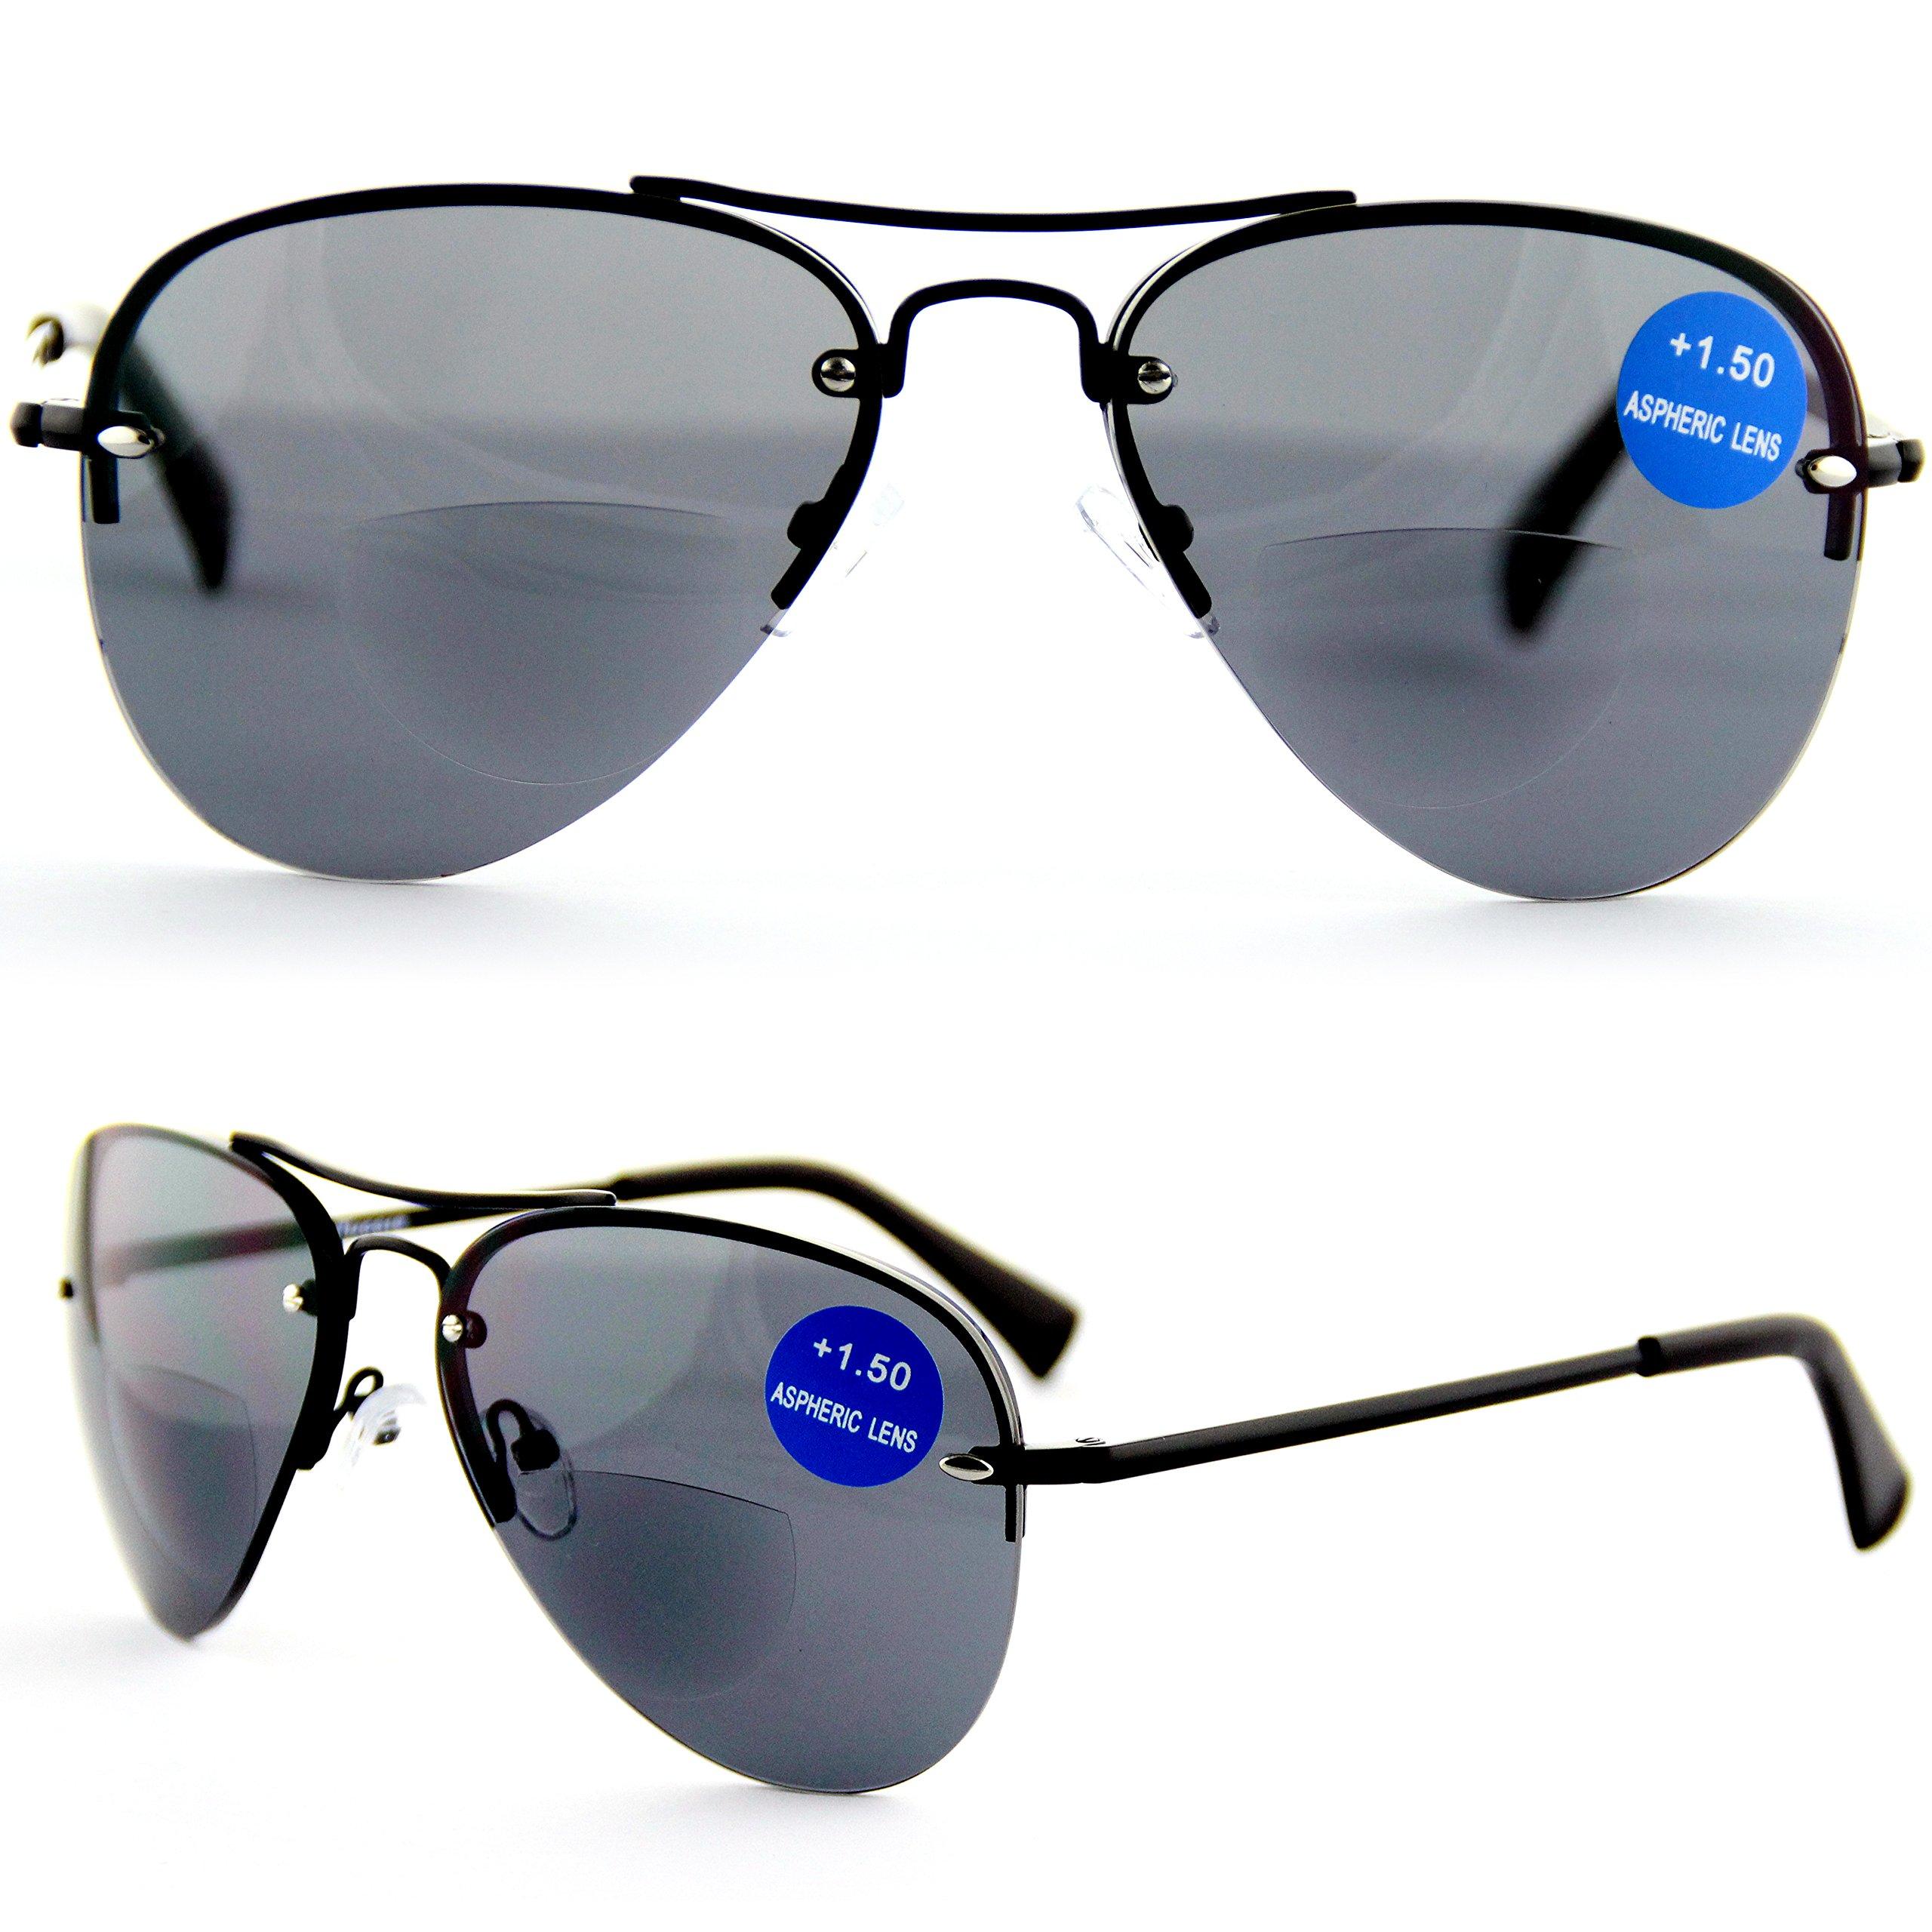 VISCARE -  Occhiali da sole  - Uomo, colore grigio